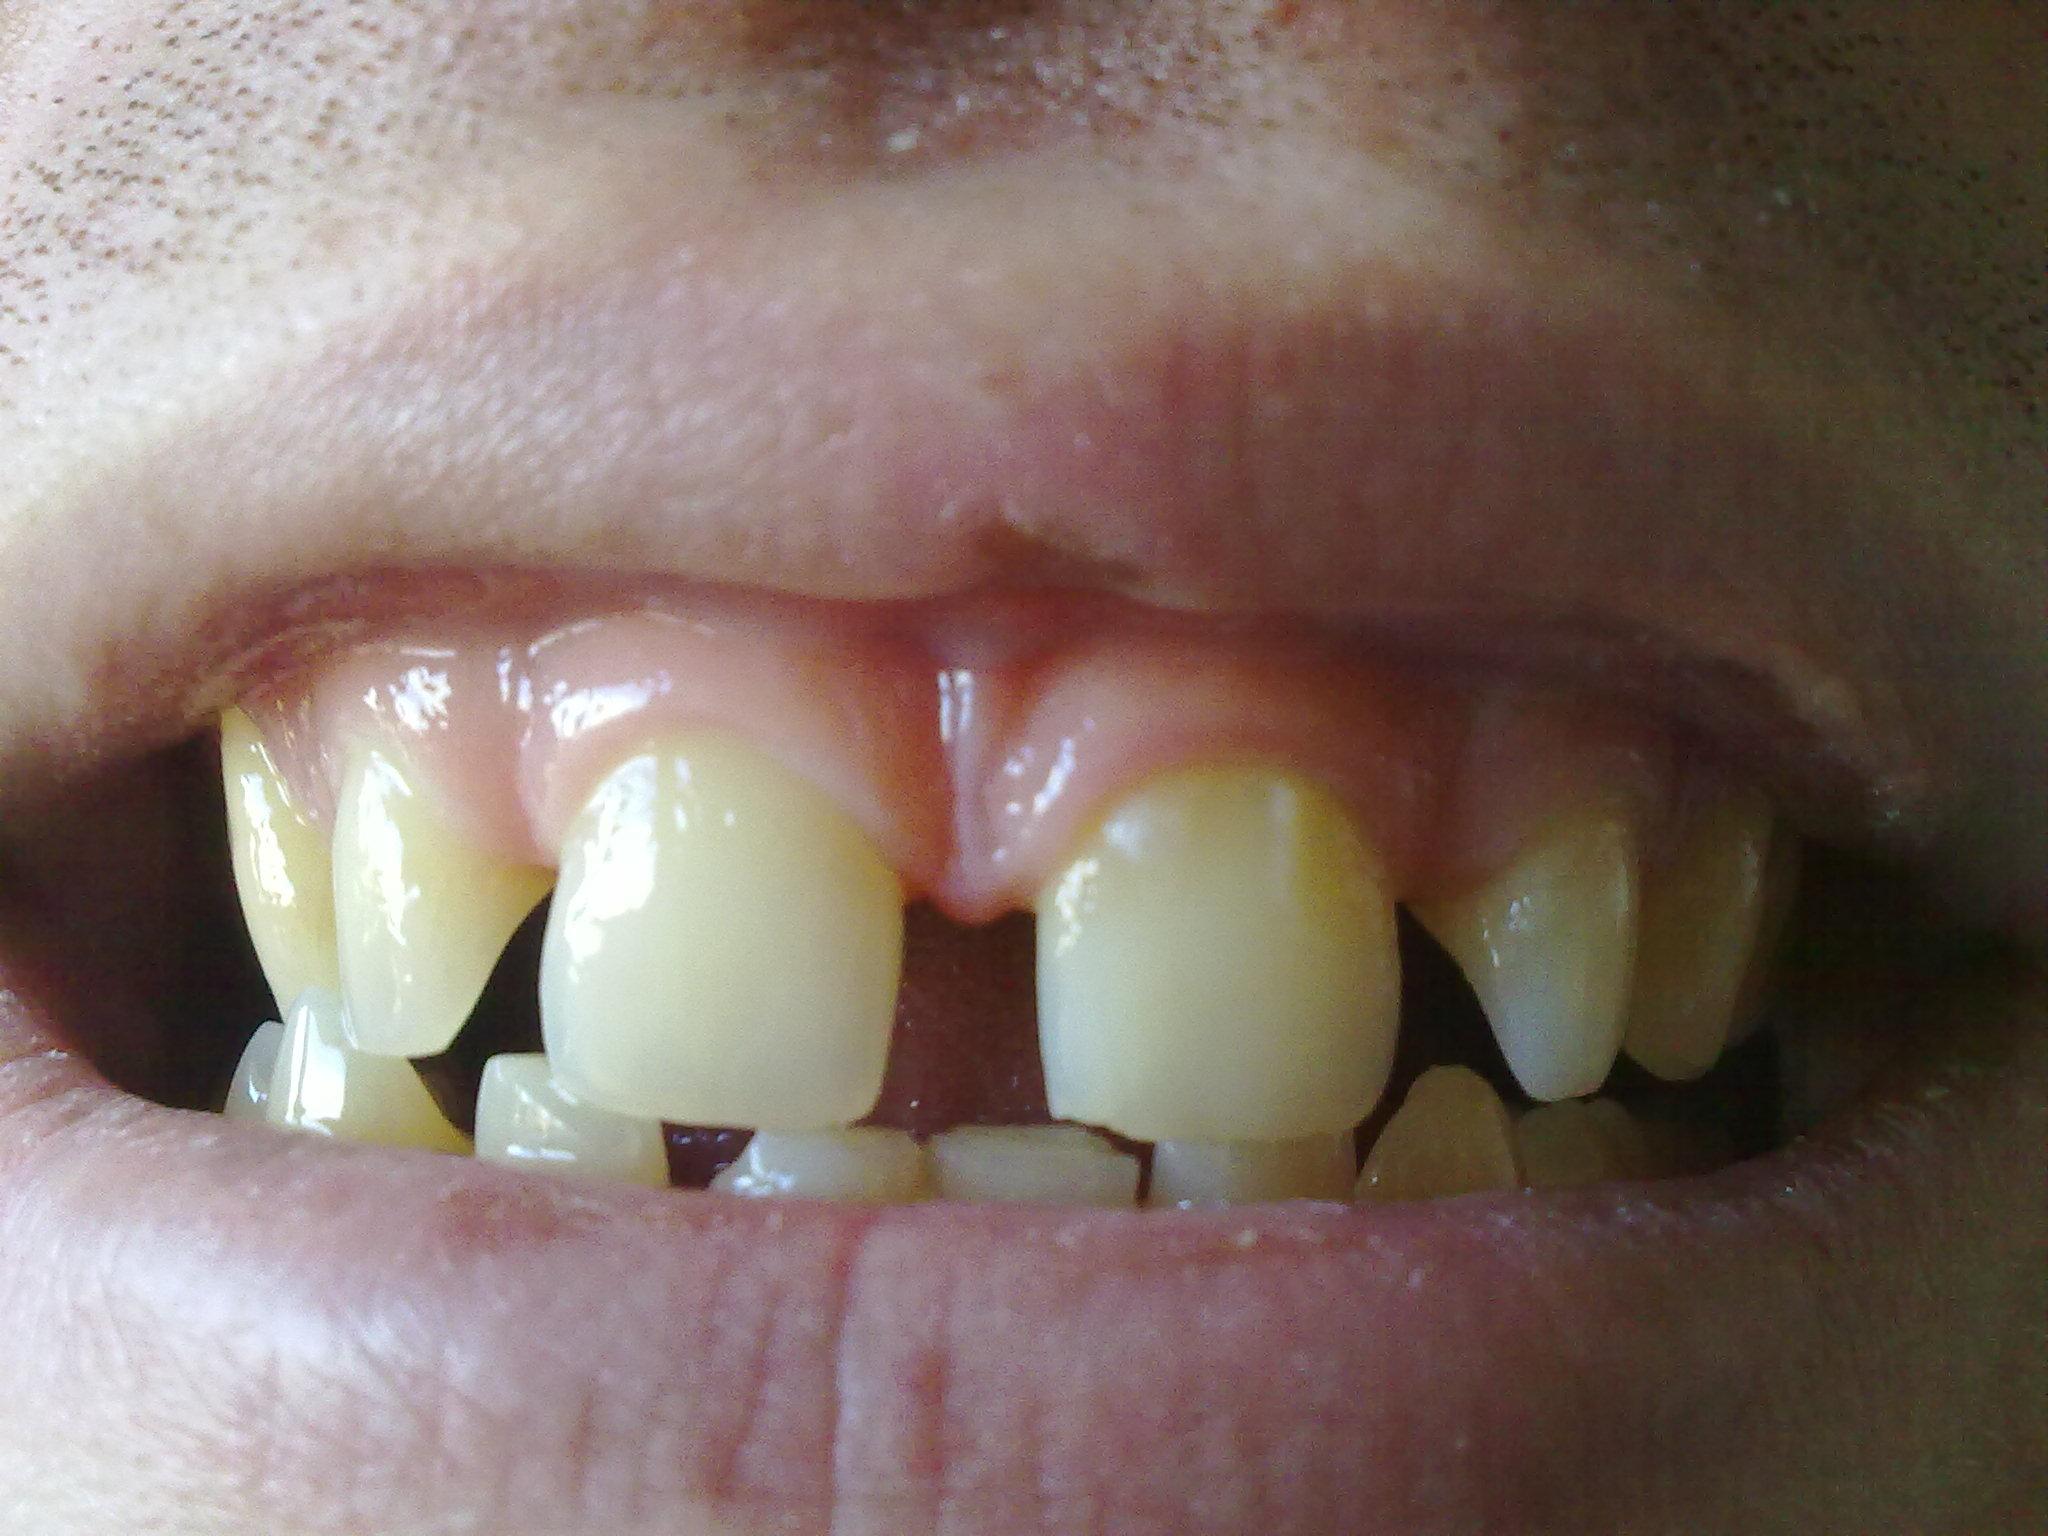 Ho 25 anni e presento i denti abbastanza spaziati